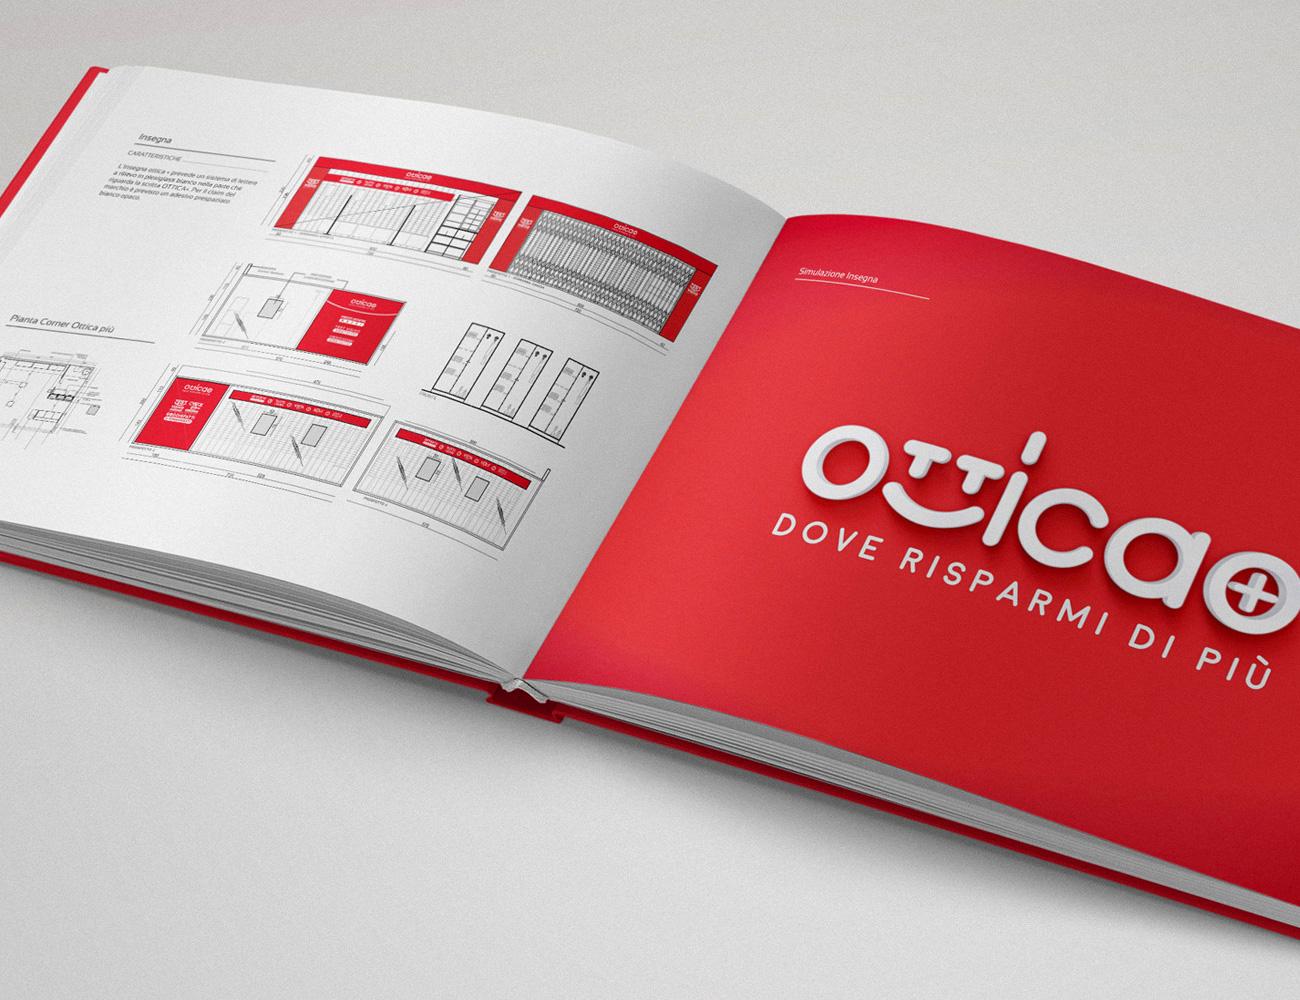 progetto-allestimenti-marchio-logo-ottica-piu-dove-risparmi-di-piu-simone-roveda-digit81-02